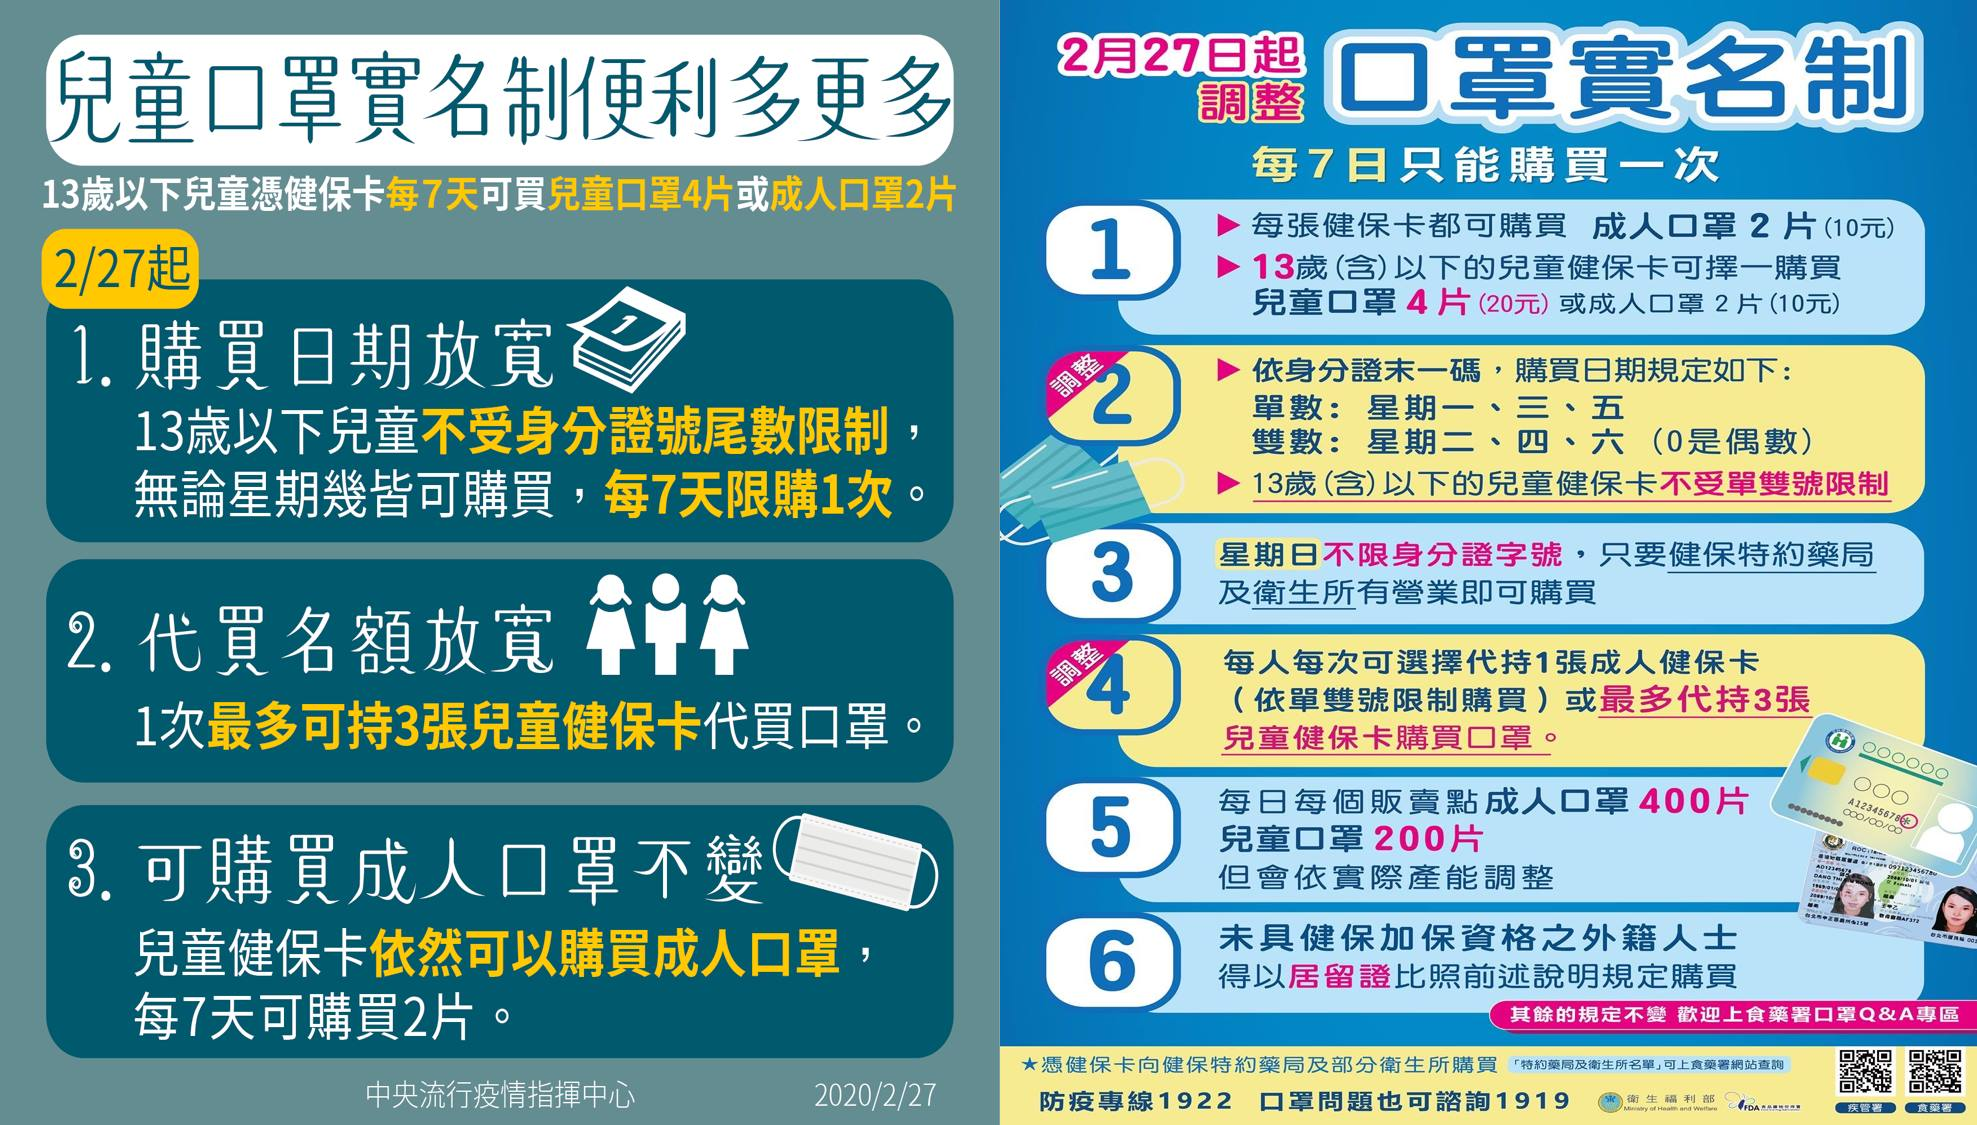 新冠肺炎旅遊警示分級